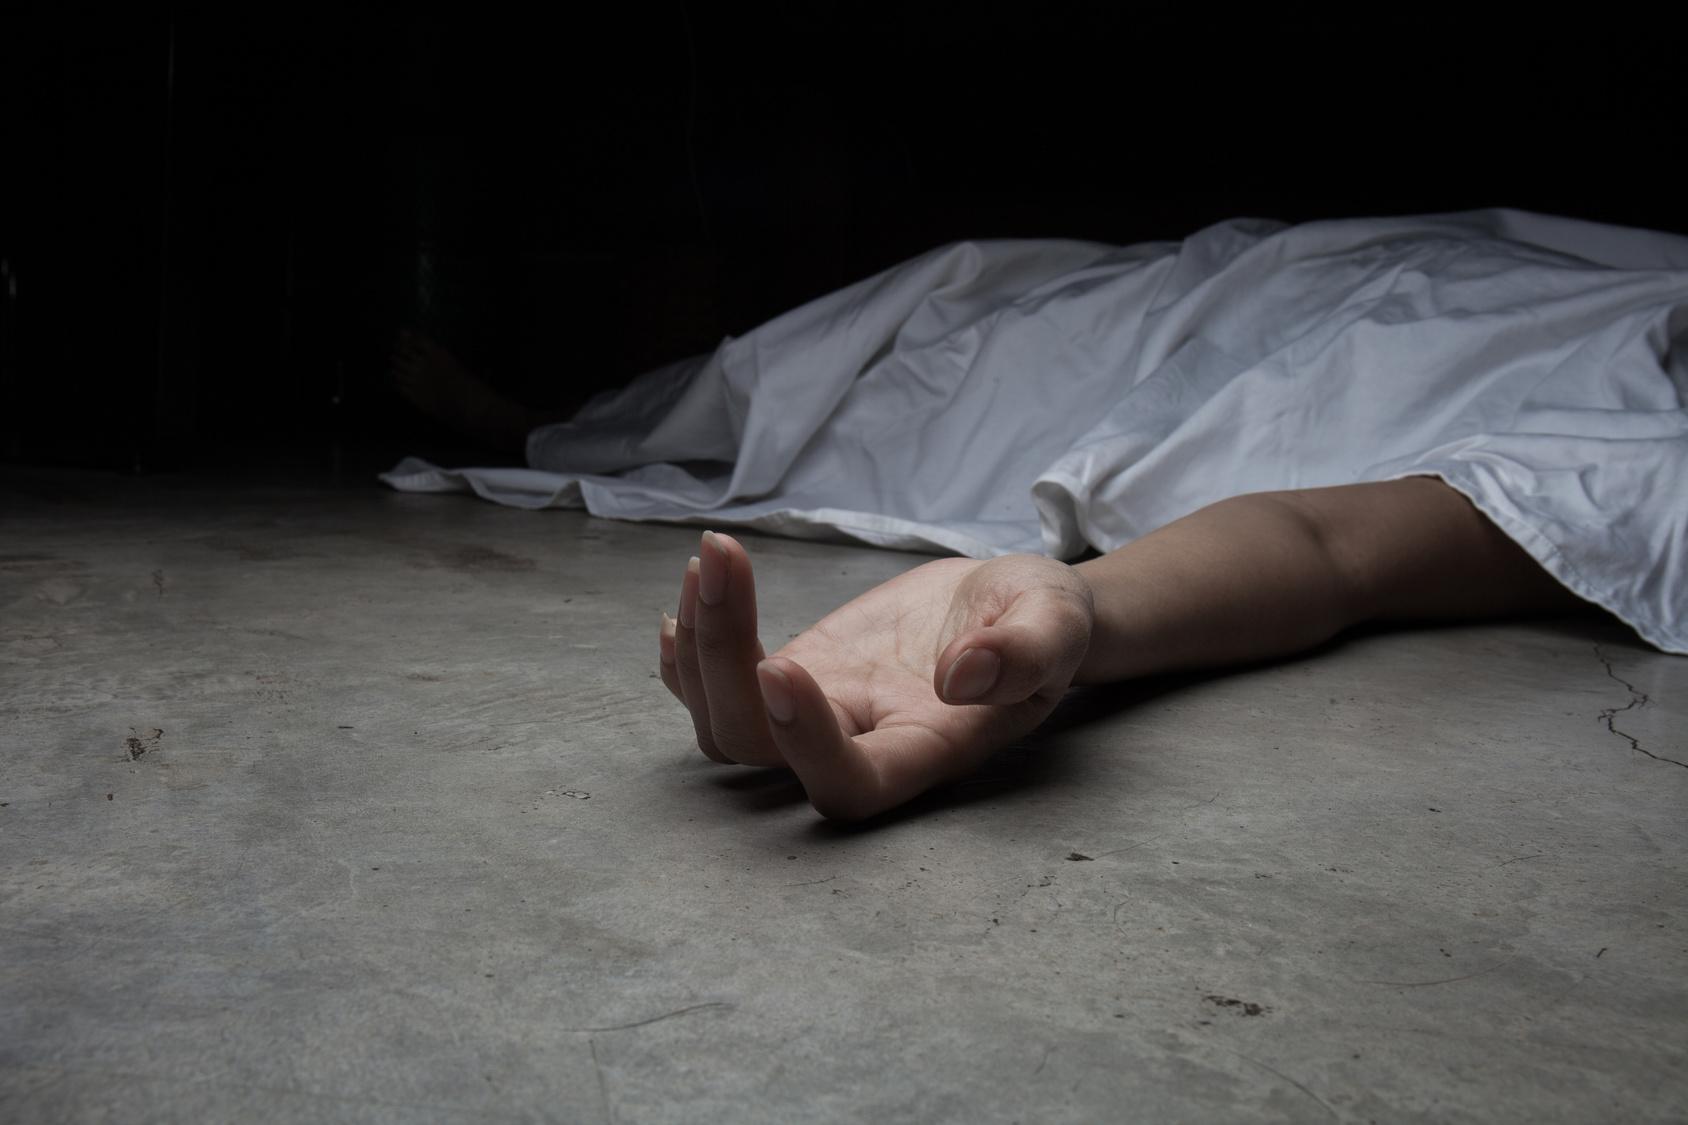 Mädchen bekommt ihre Periode und stirbt - kein Einzelfall!